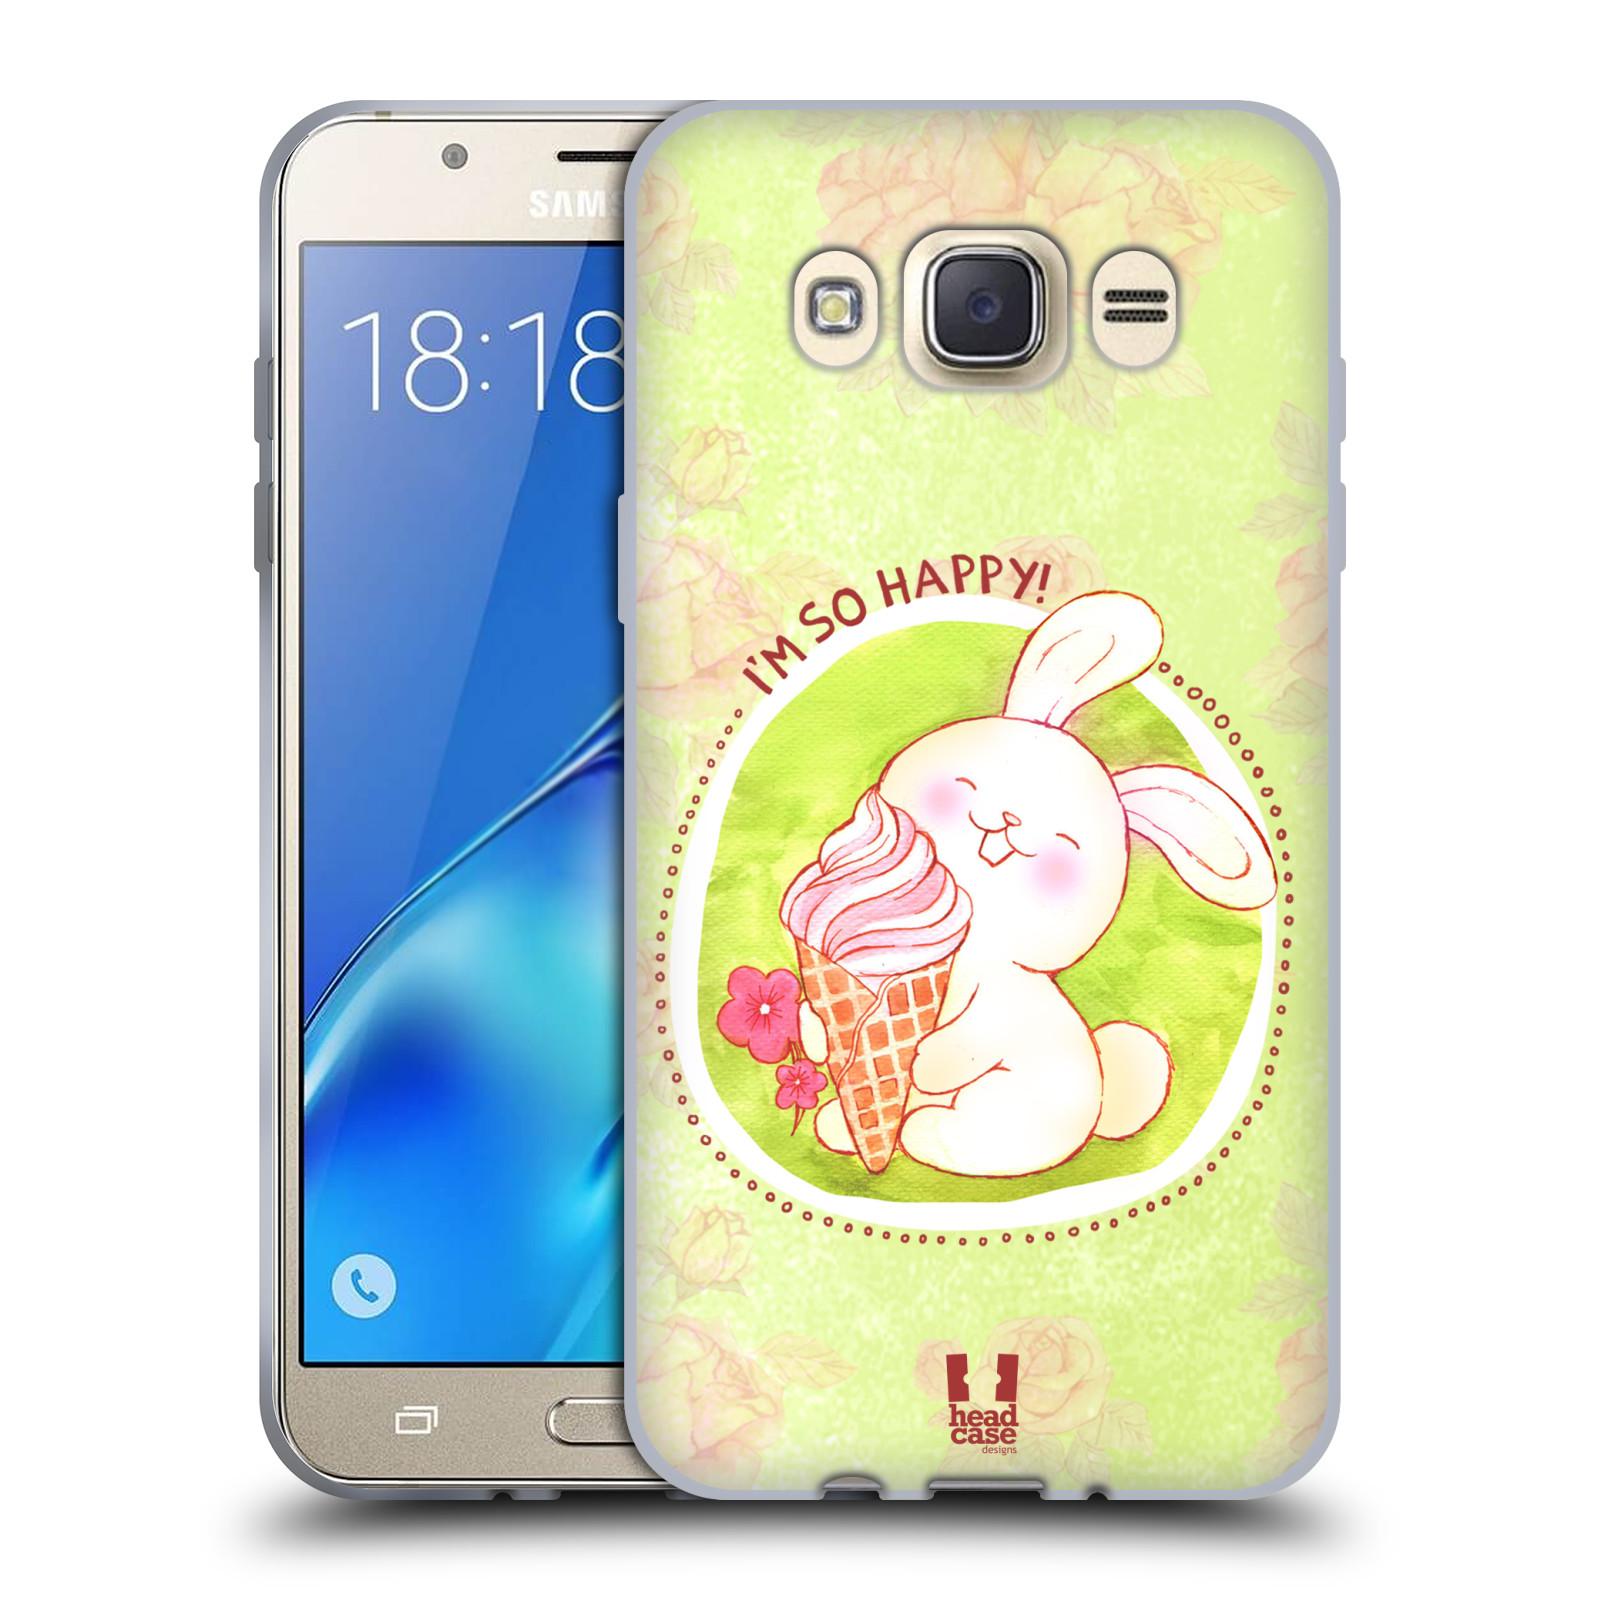 Silikonové pouzdro na mobil Samsung Galaxy J7 (2016) HEAD CASE KRÁLÍČEK A ZMRZKA